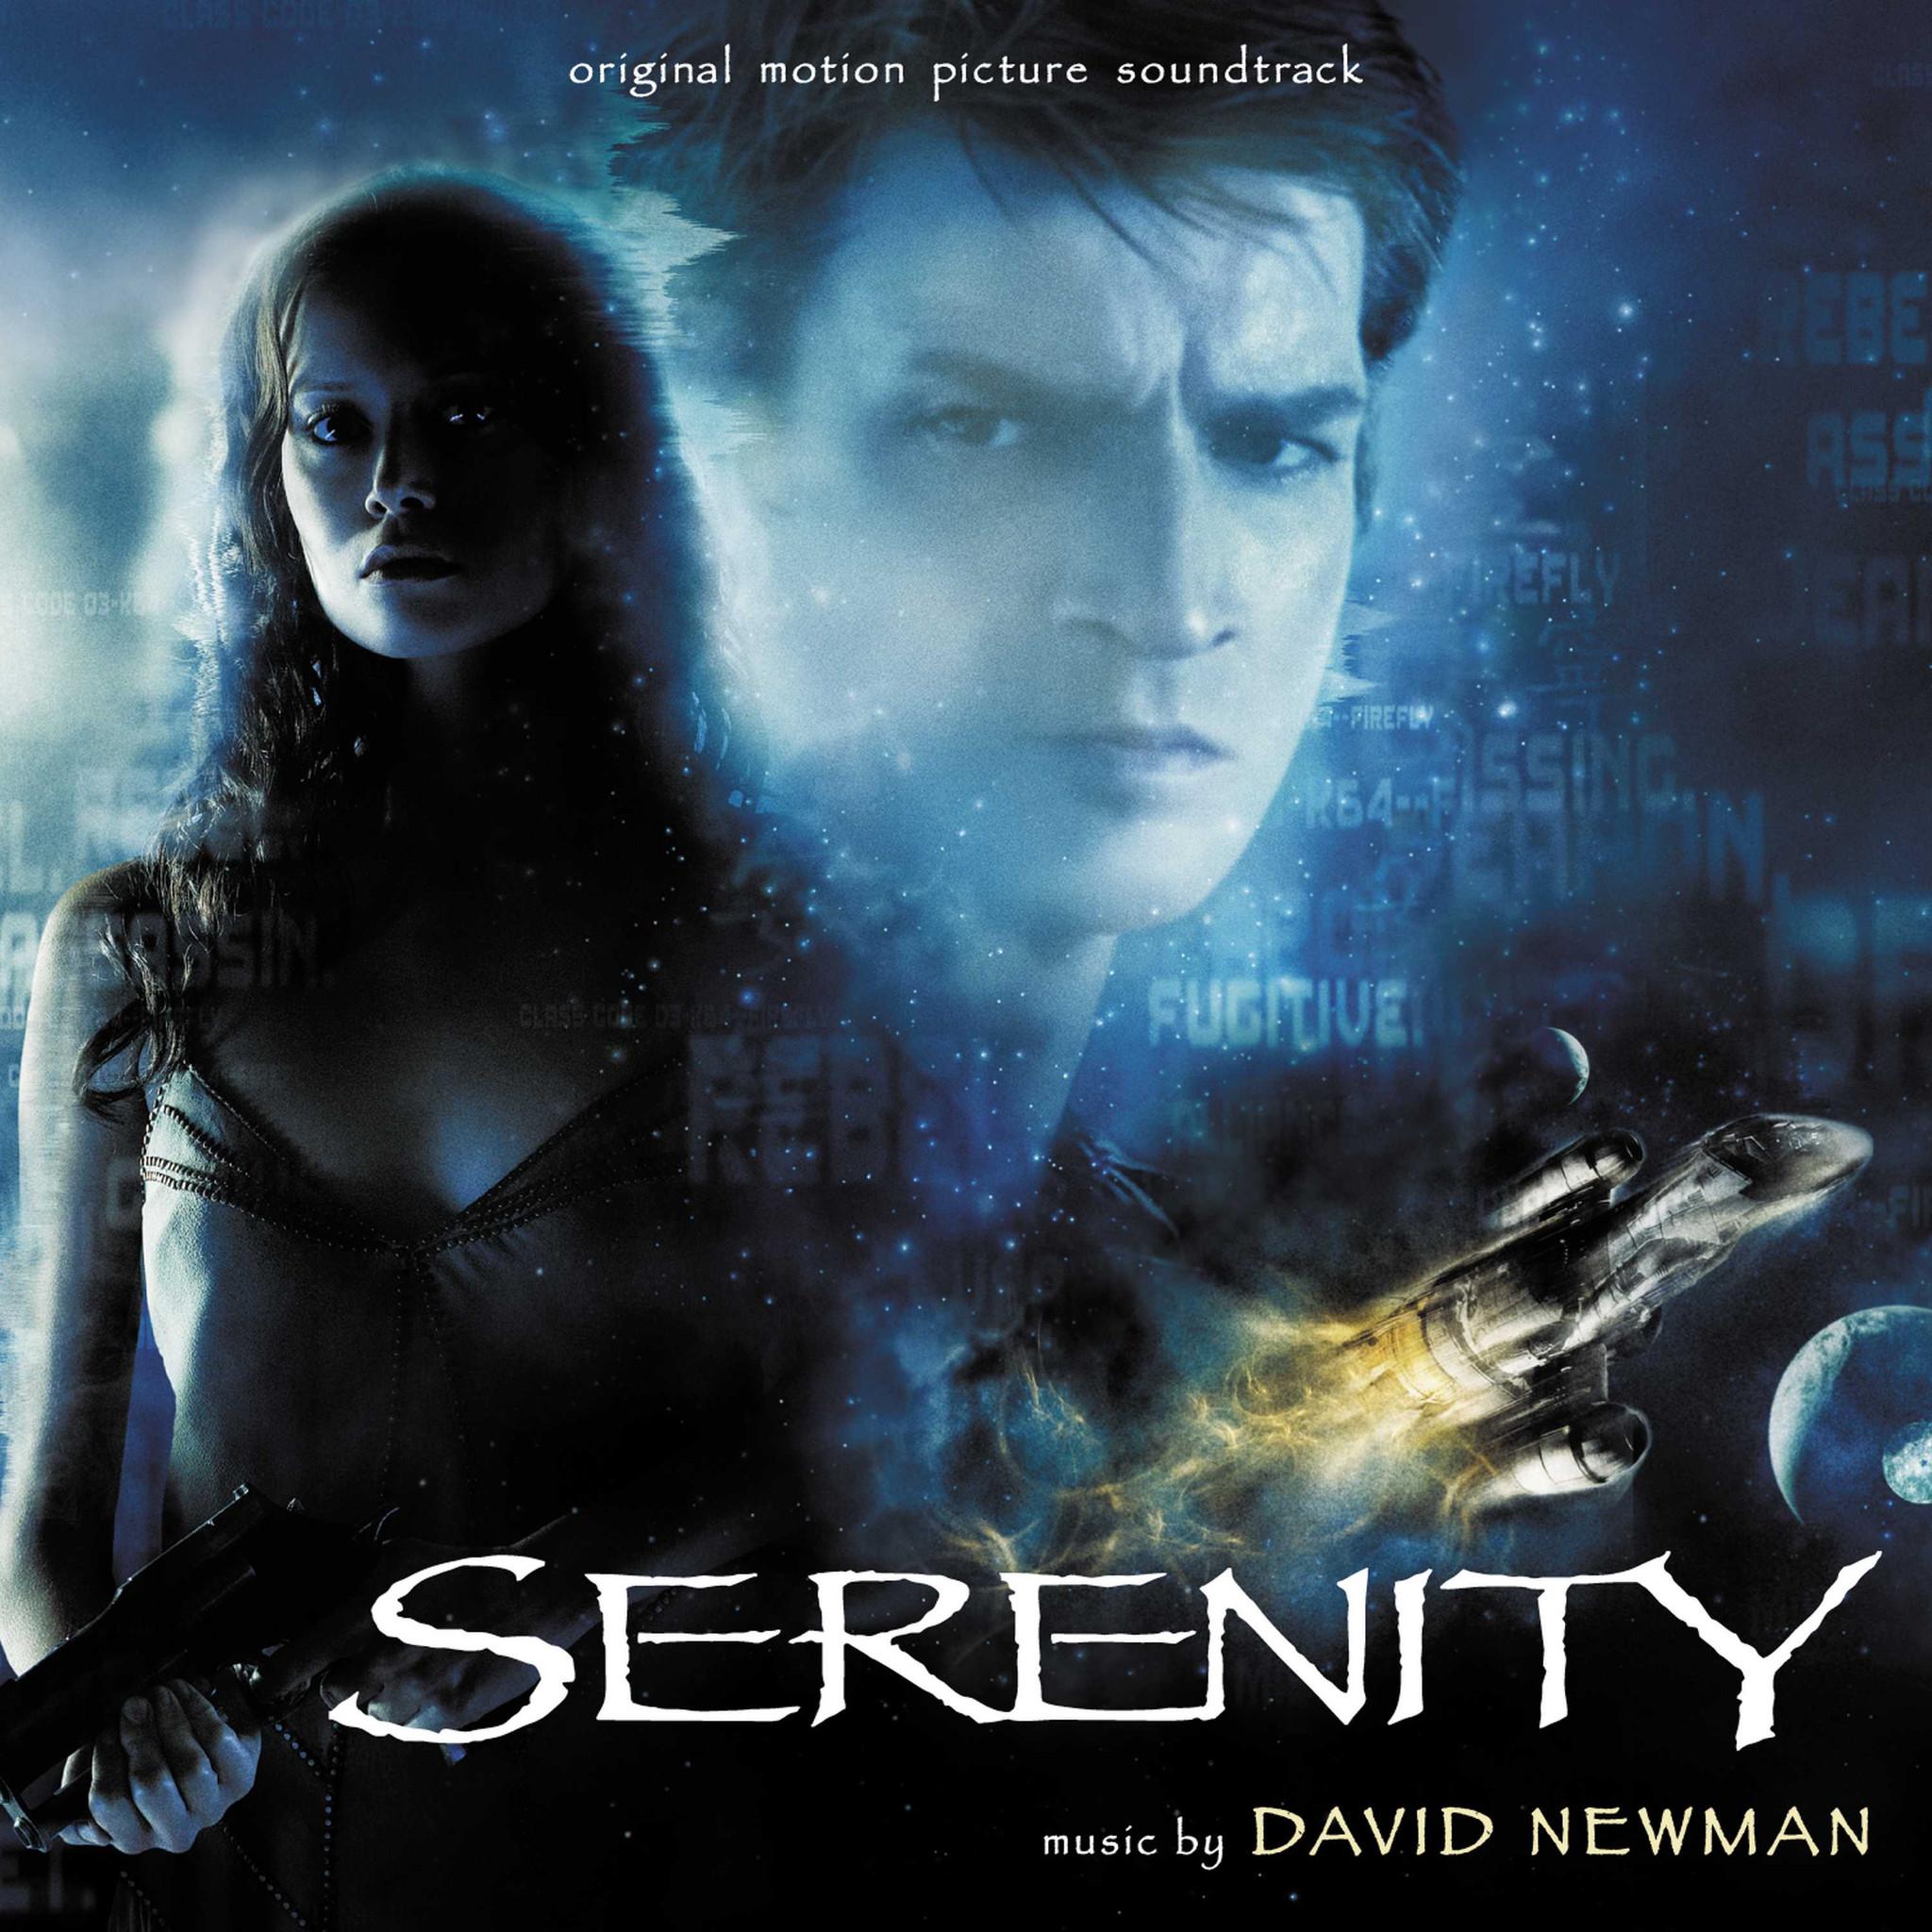 Serenity (Score) / O.s.t. - Serenity (Score) / O.s.t. - Musik - SOUNDTRACK/SCORE - 0030206668223 - September 27, 2005